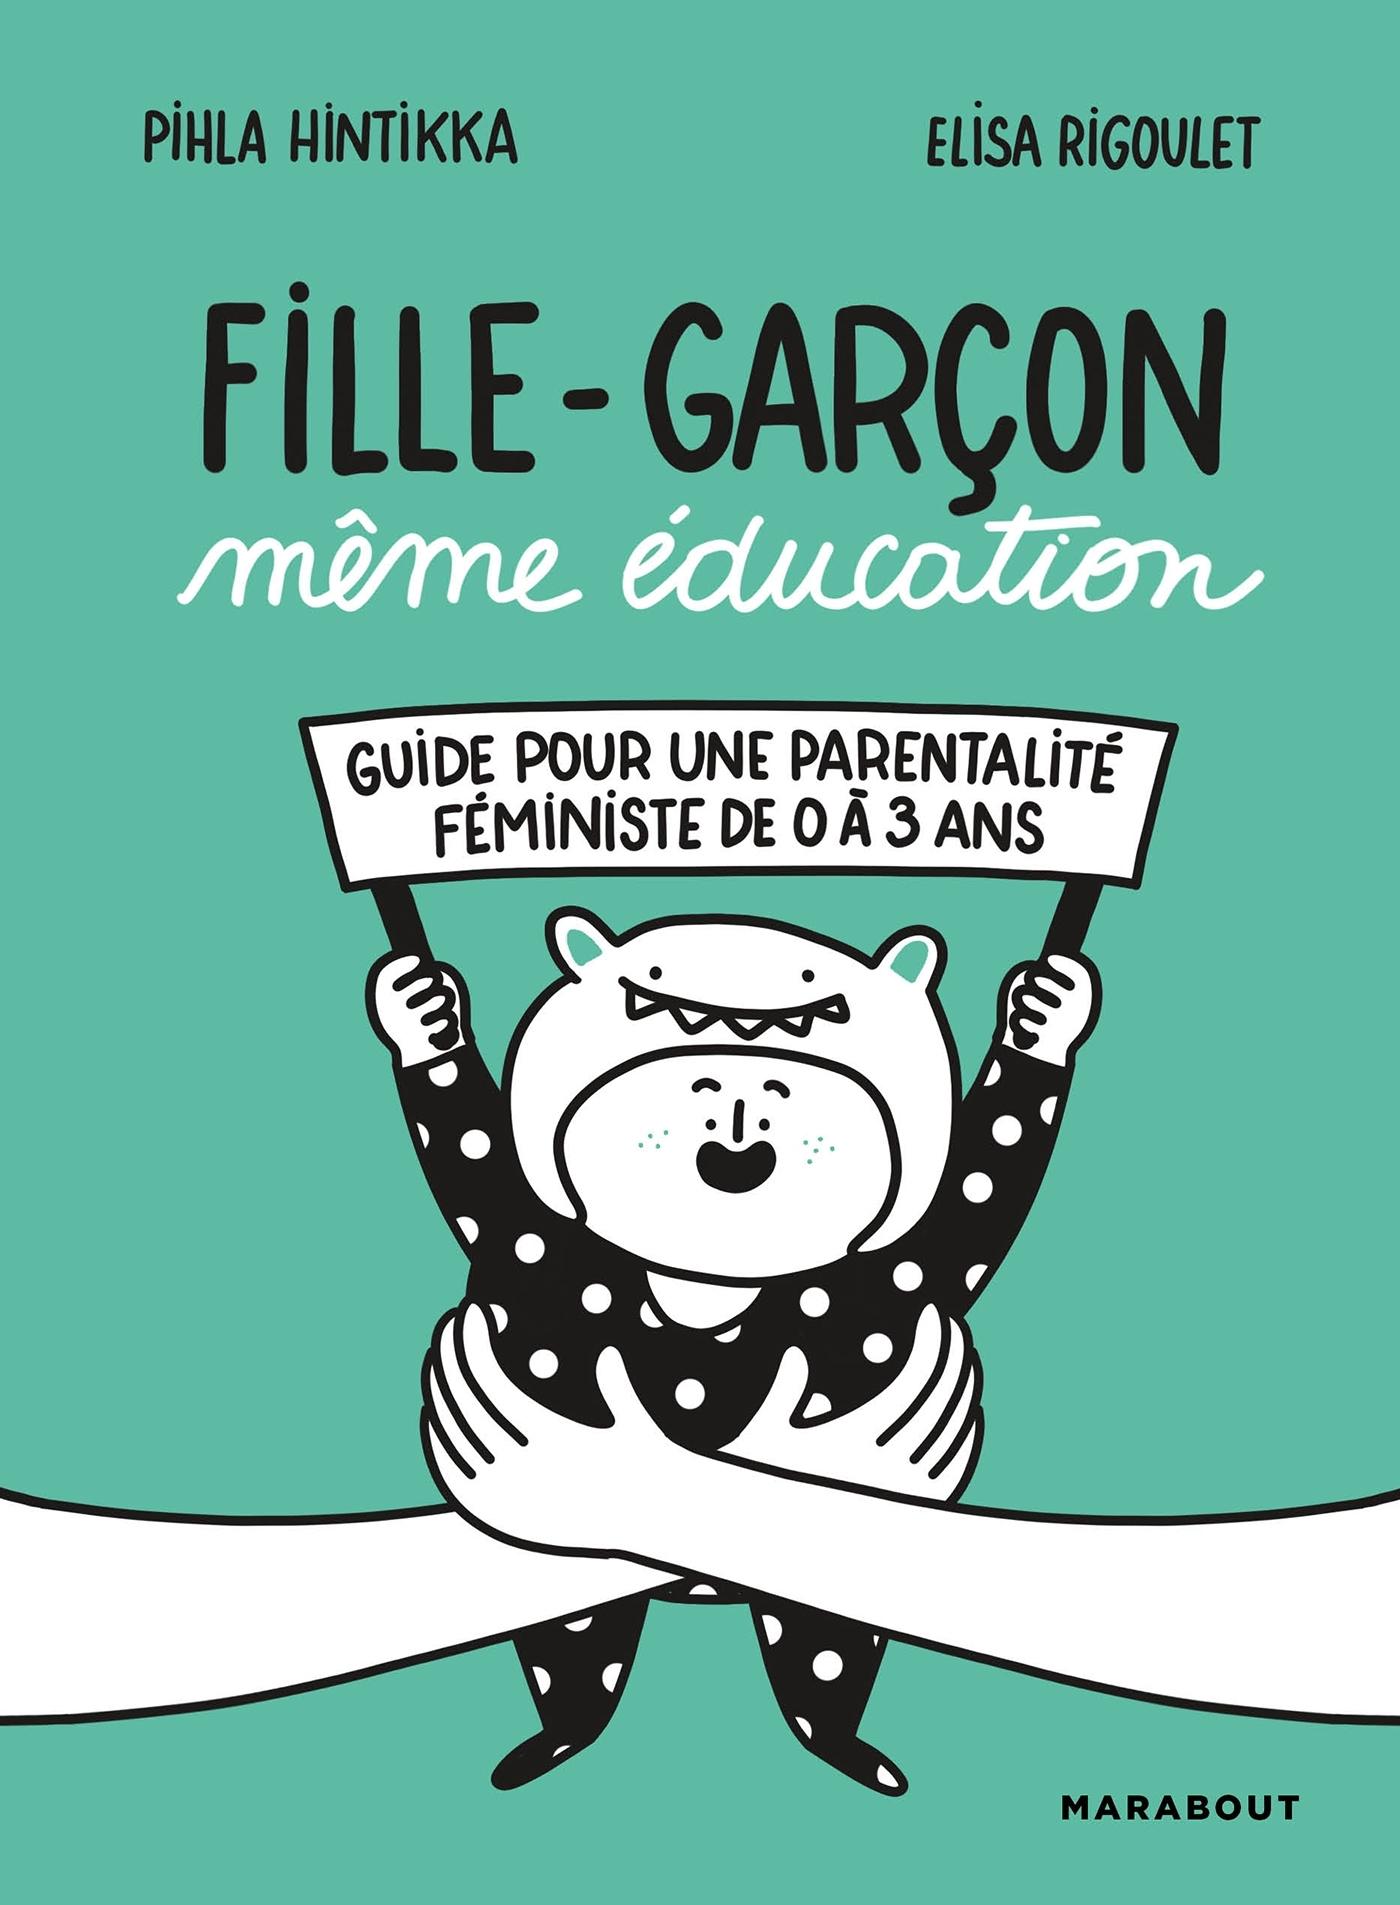 FILLE-GARCON MEME EDUCATION - GUIDE POUR UNE PARENTALITE FEMINISTE DE 0 A 3 ANS